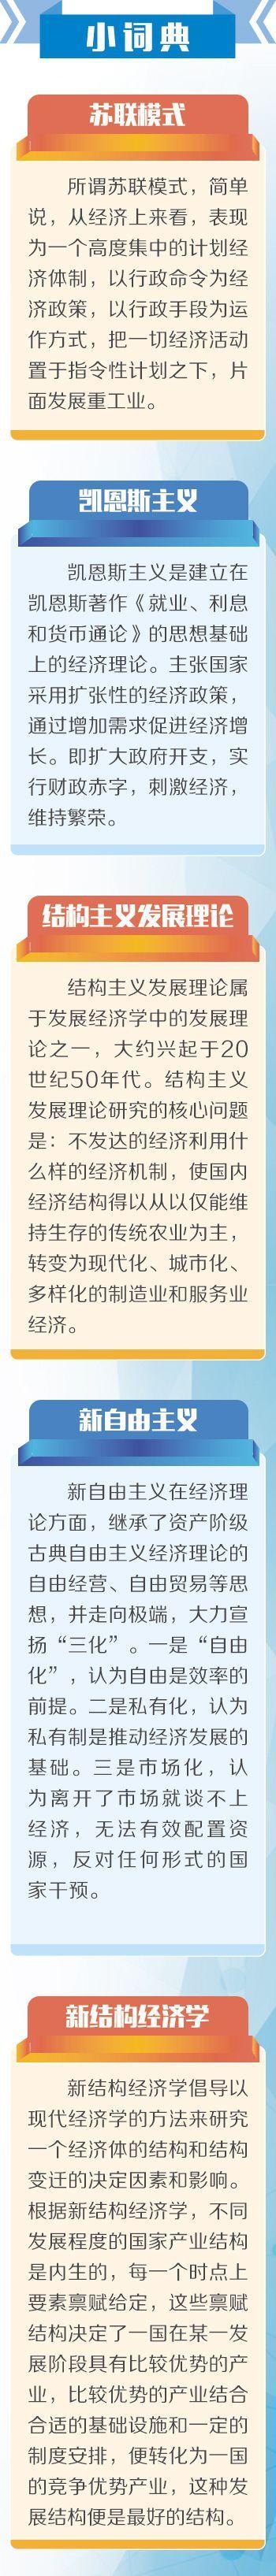 林毅夫:从70年发展看经济学理股票配资论创新